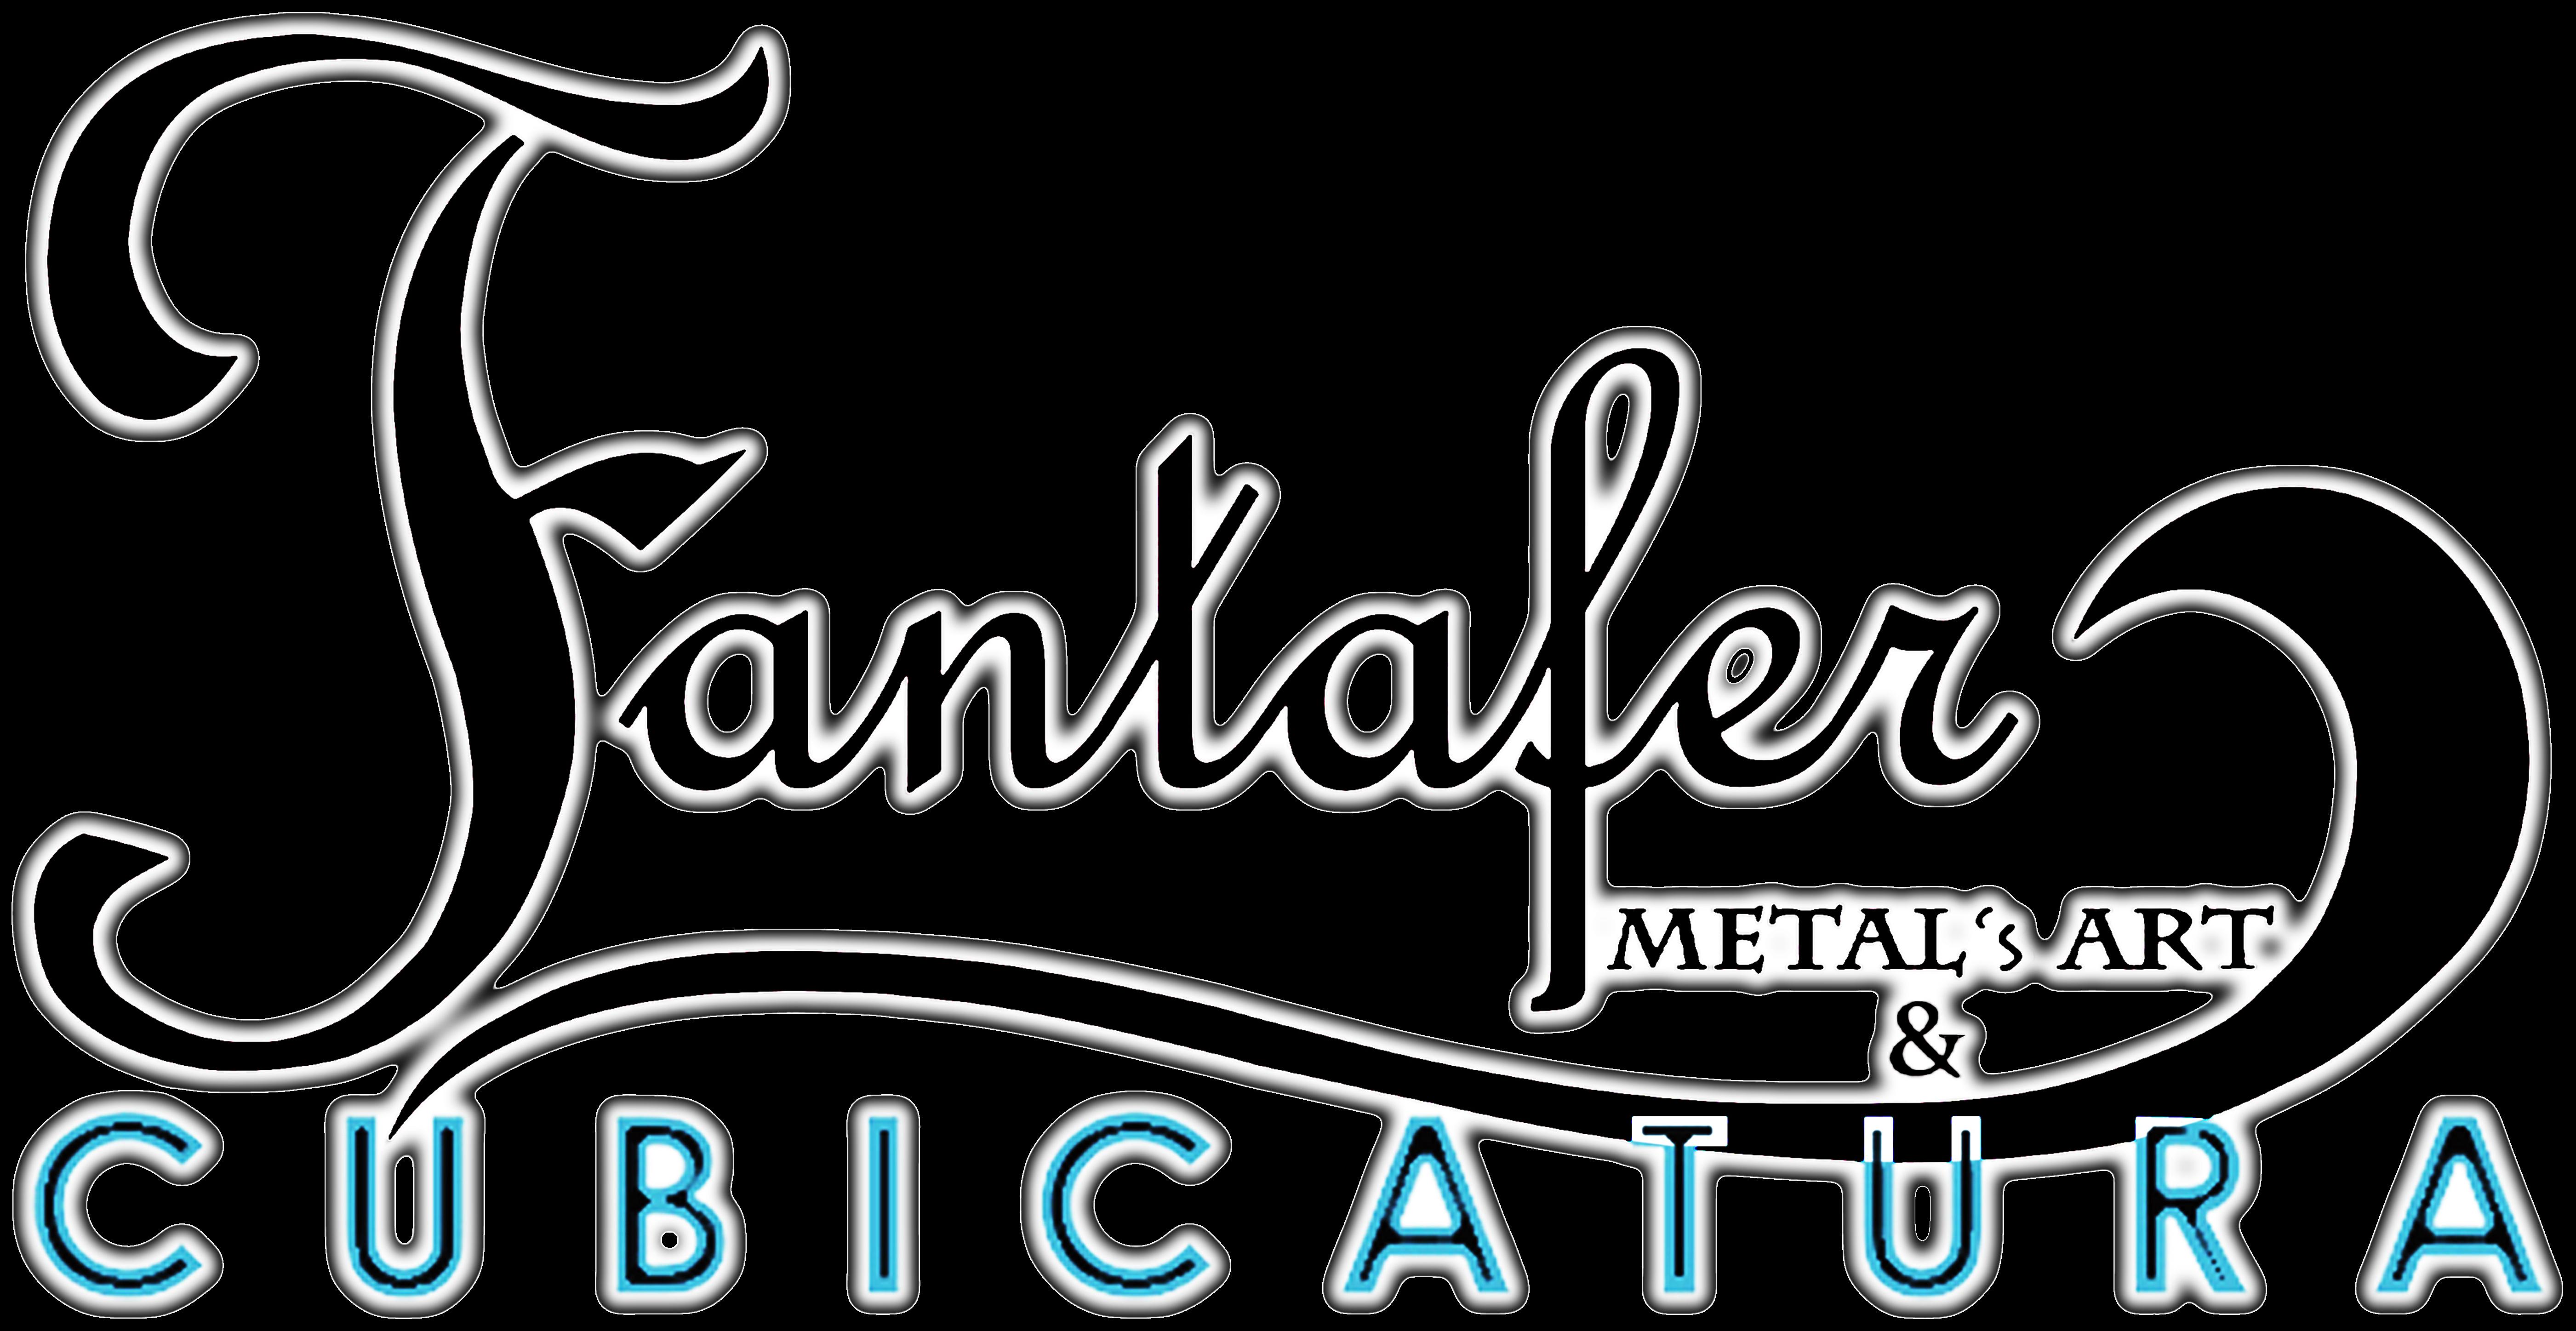 Fantafer